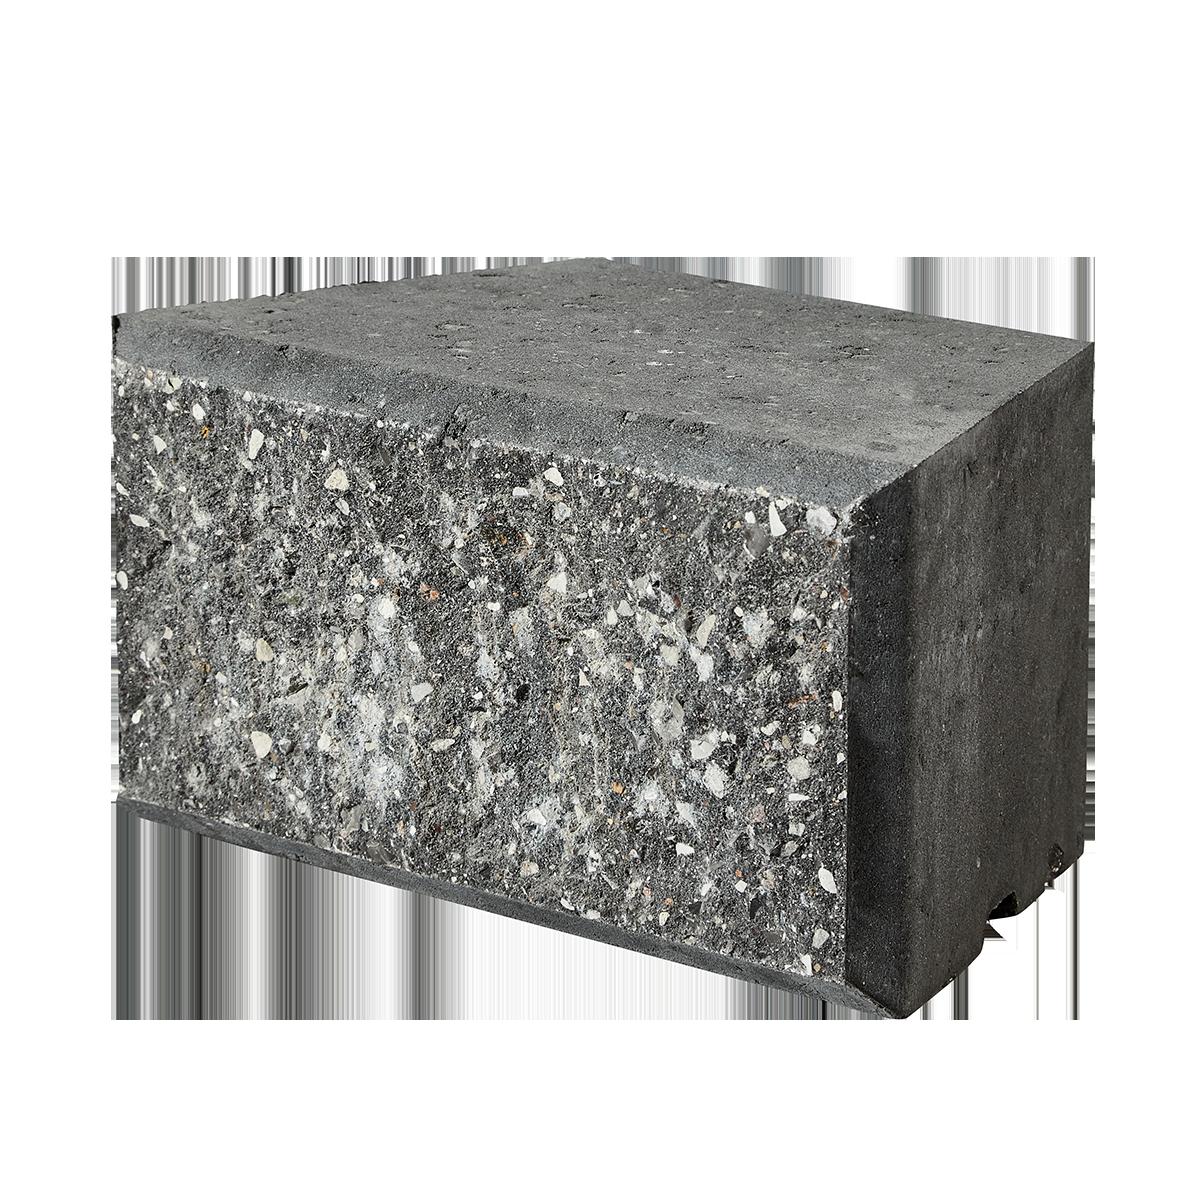 Easyblokke 18/30x18x15 cm Sort/Antracit Afdækning